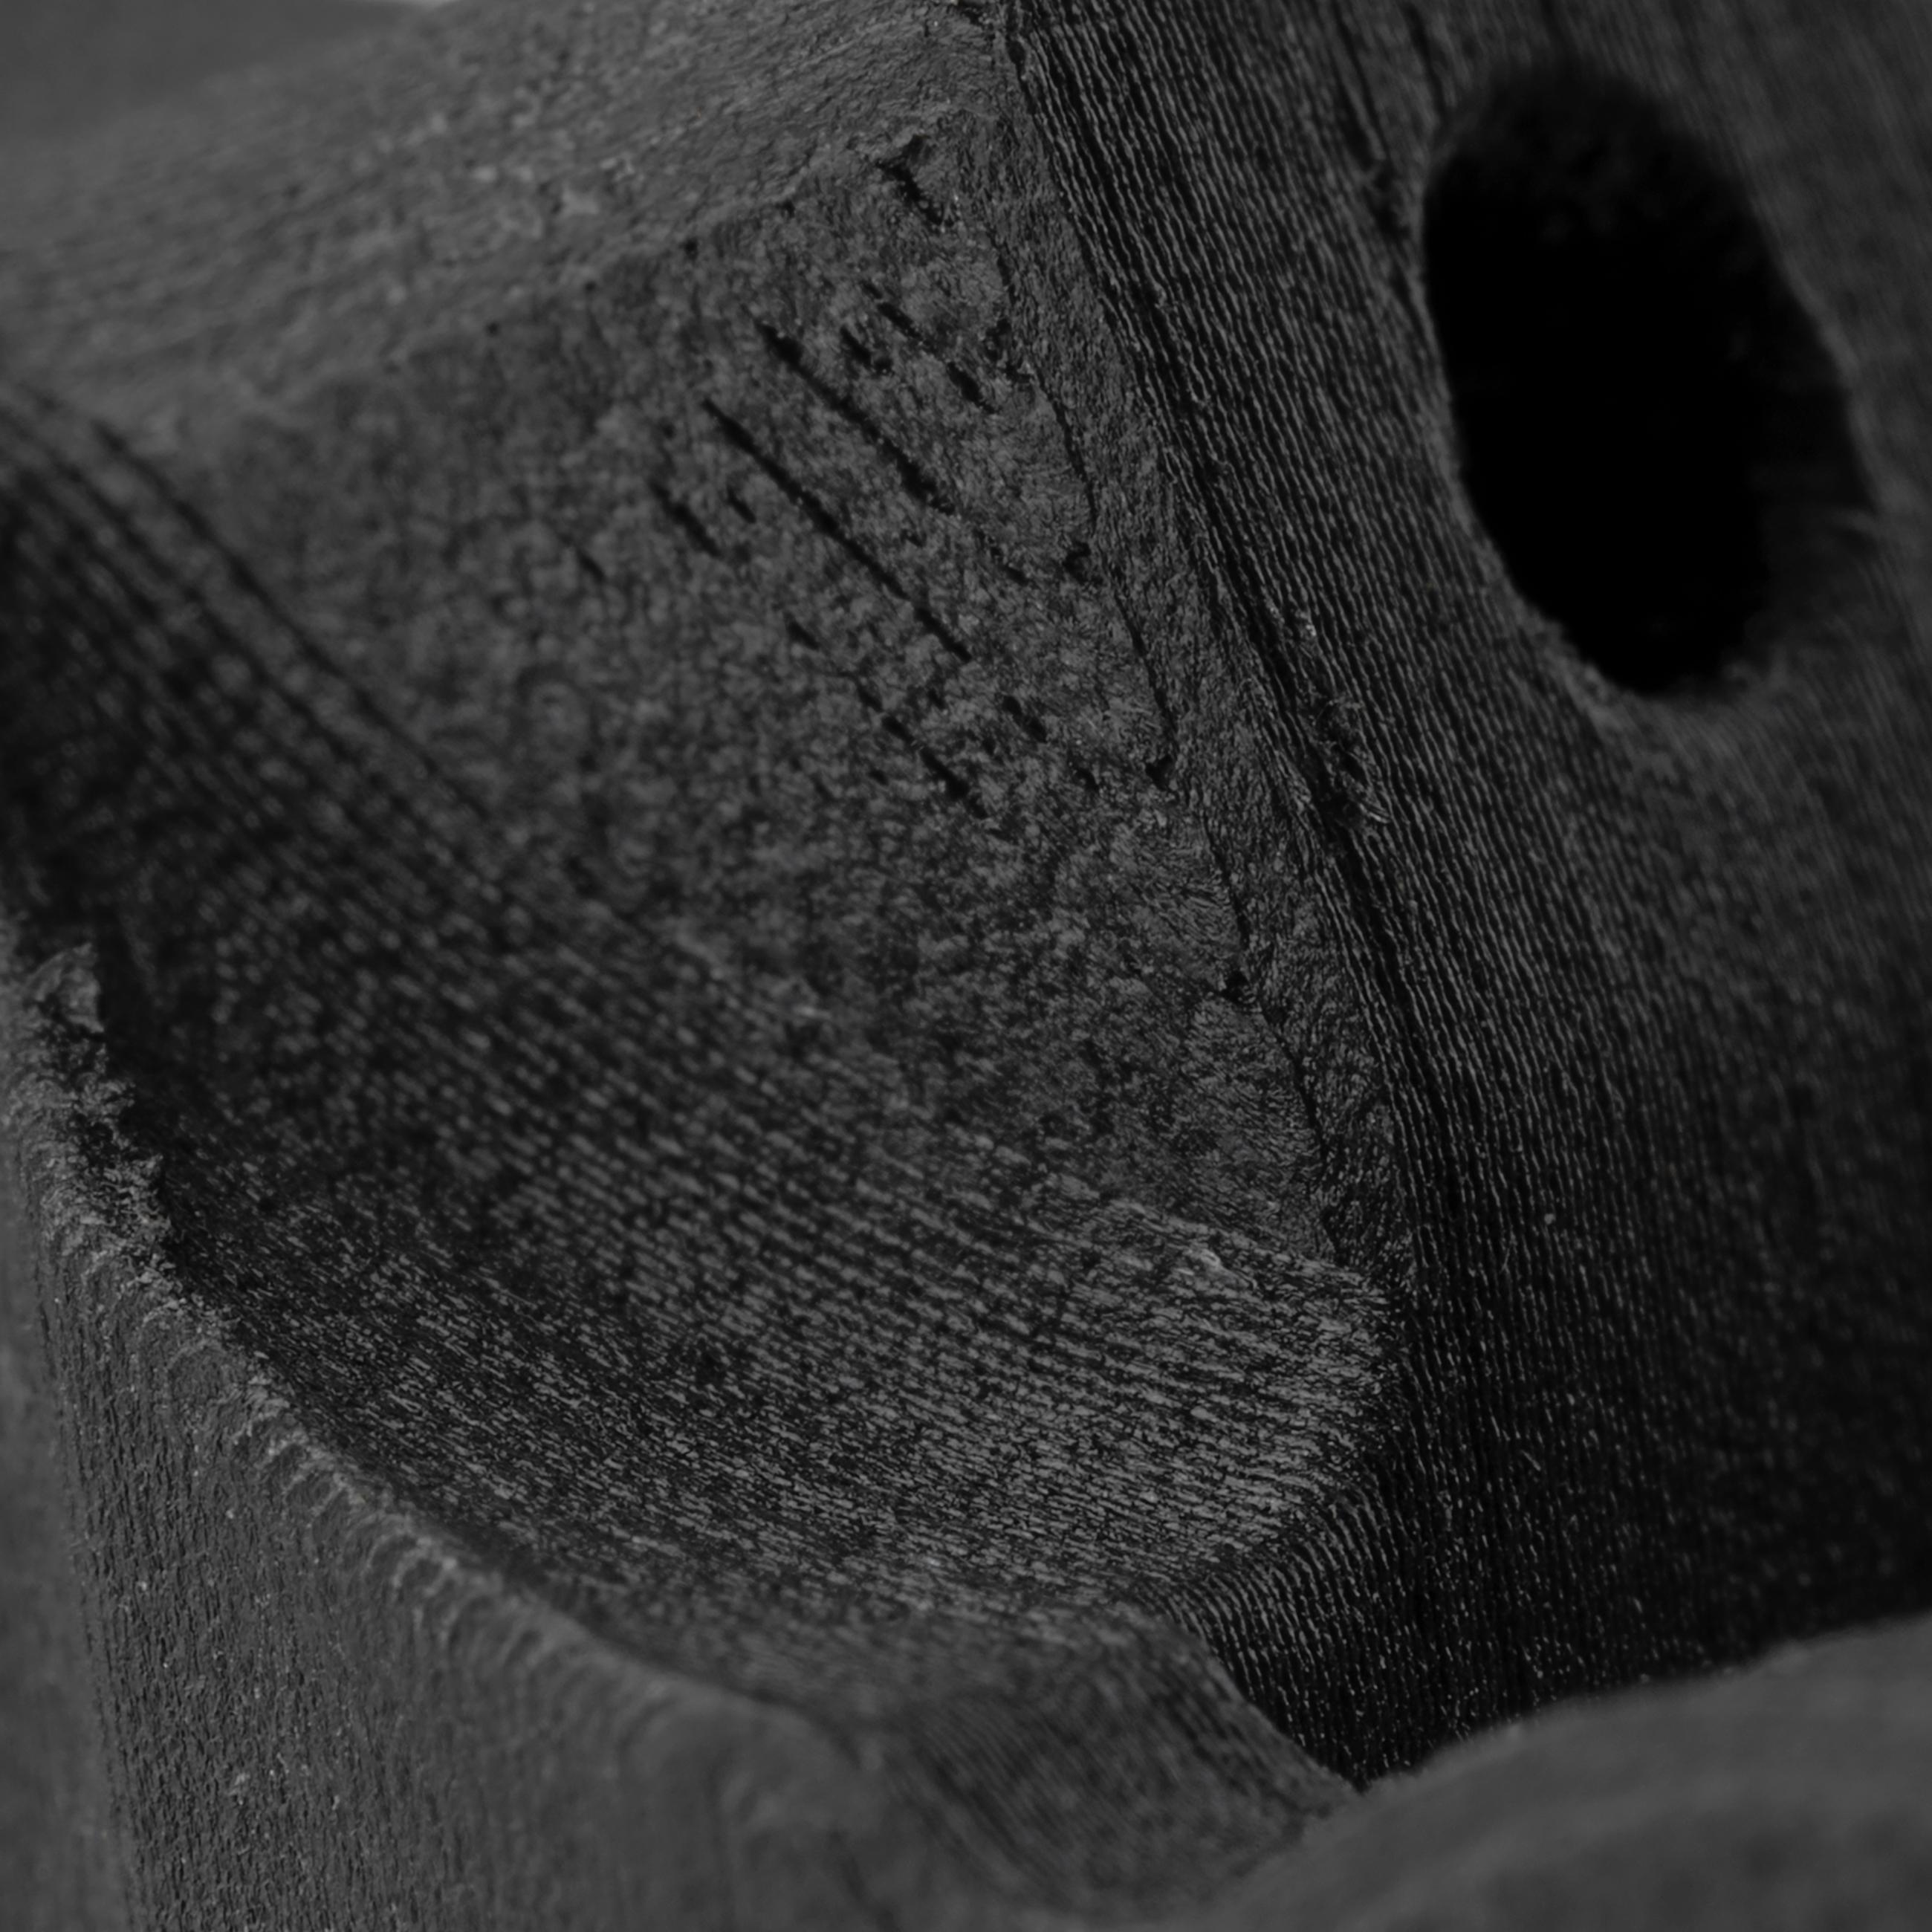 3D Printed Material